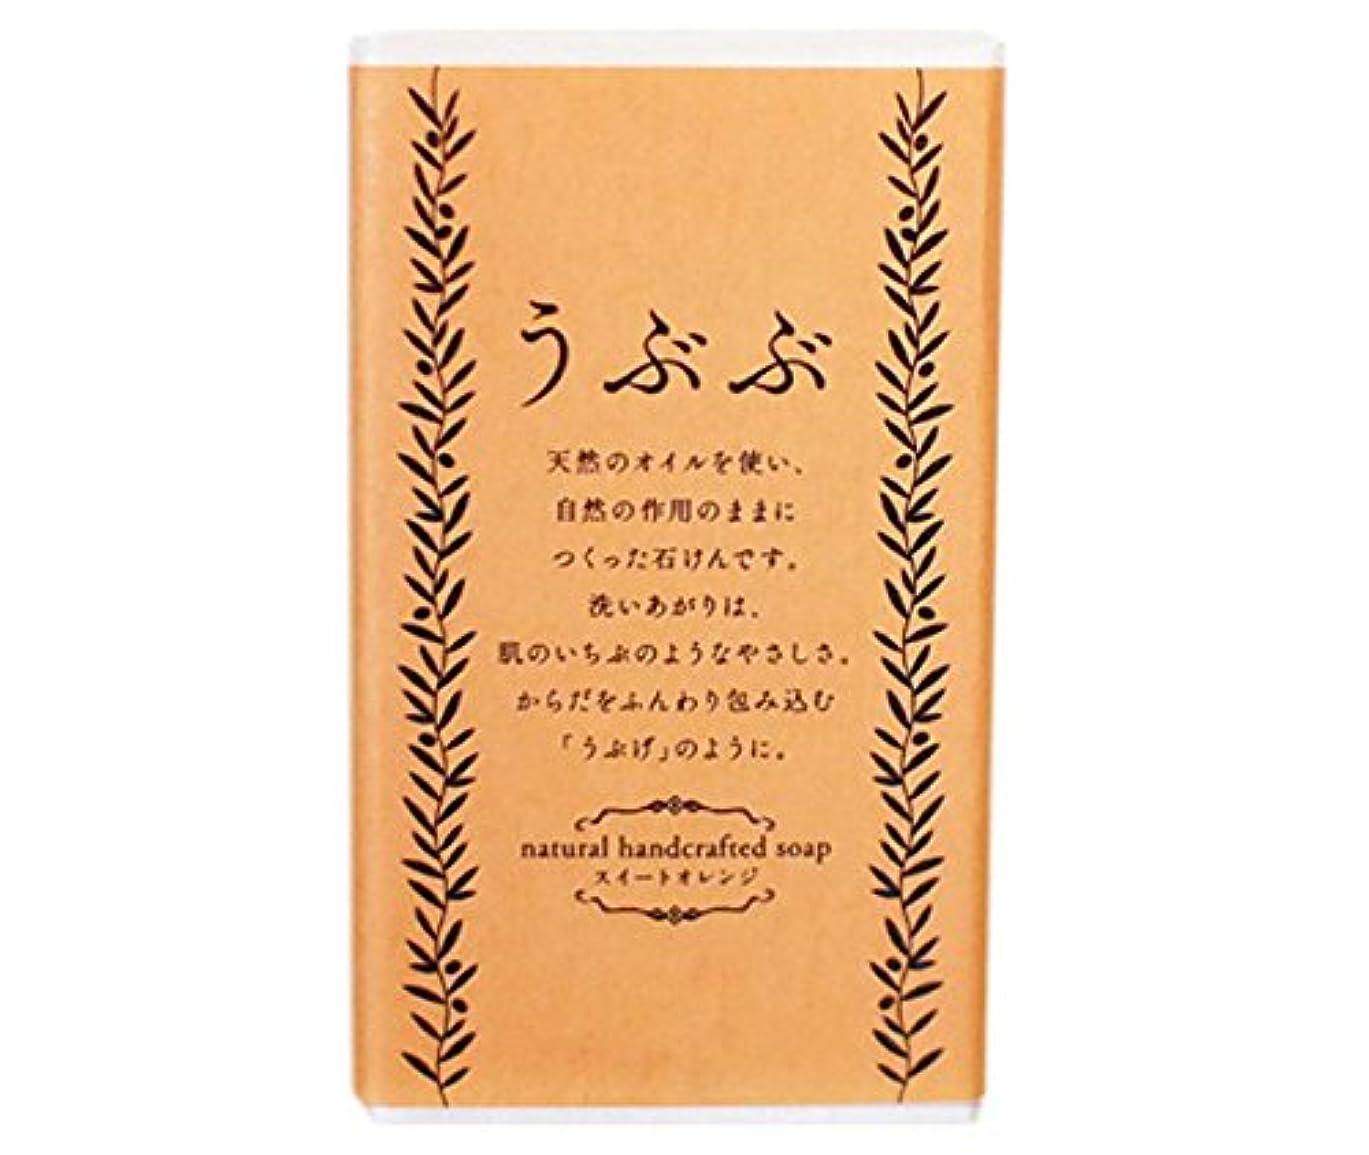 推測橋脚テンションうぶぶ 石けん natural handcrafted soap スイートオレンジ